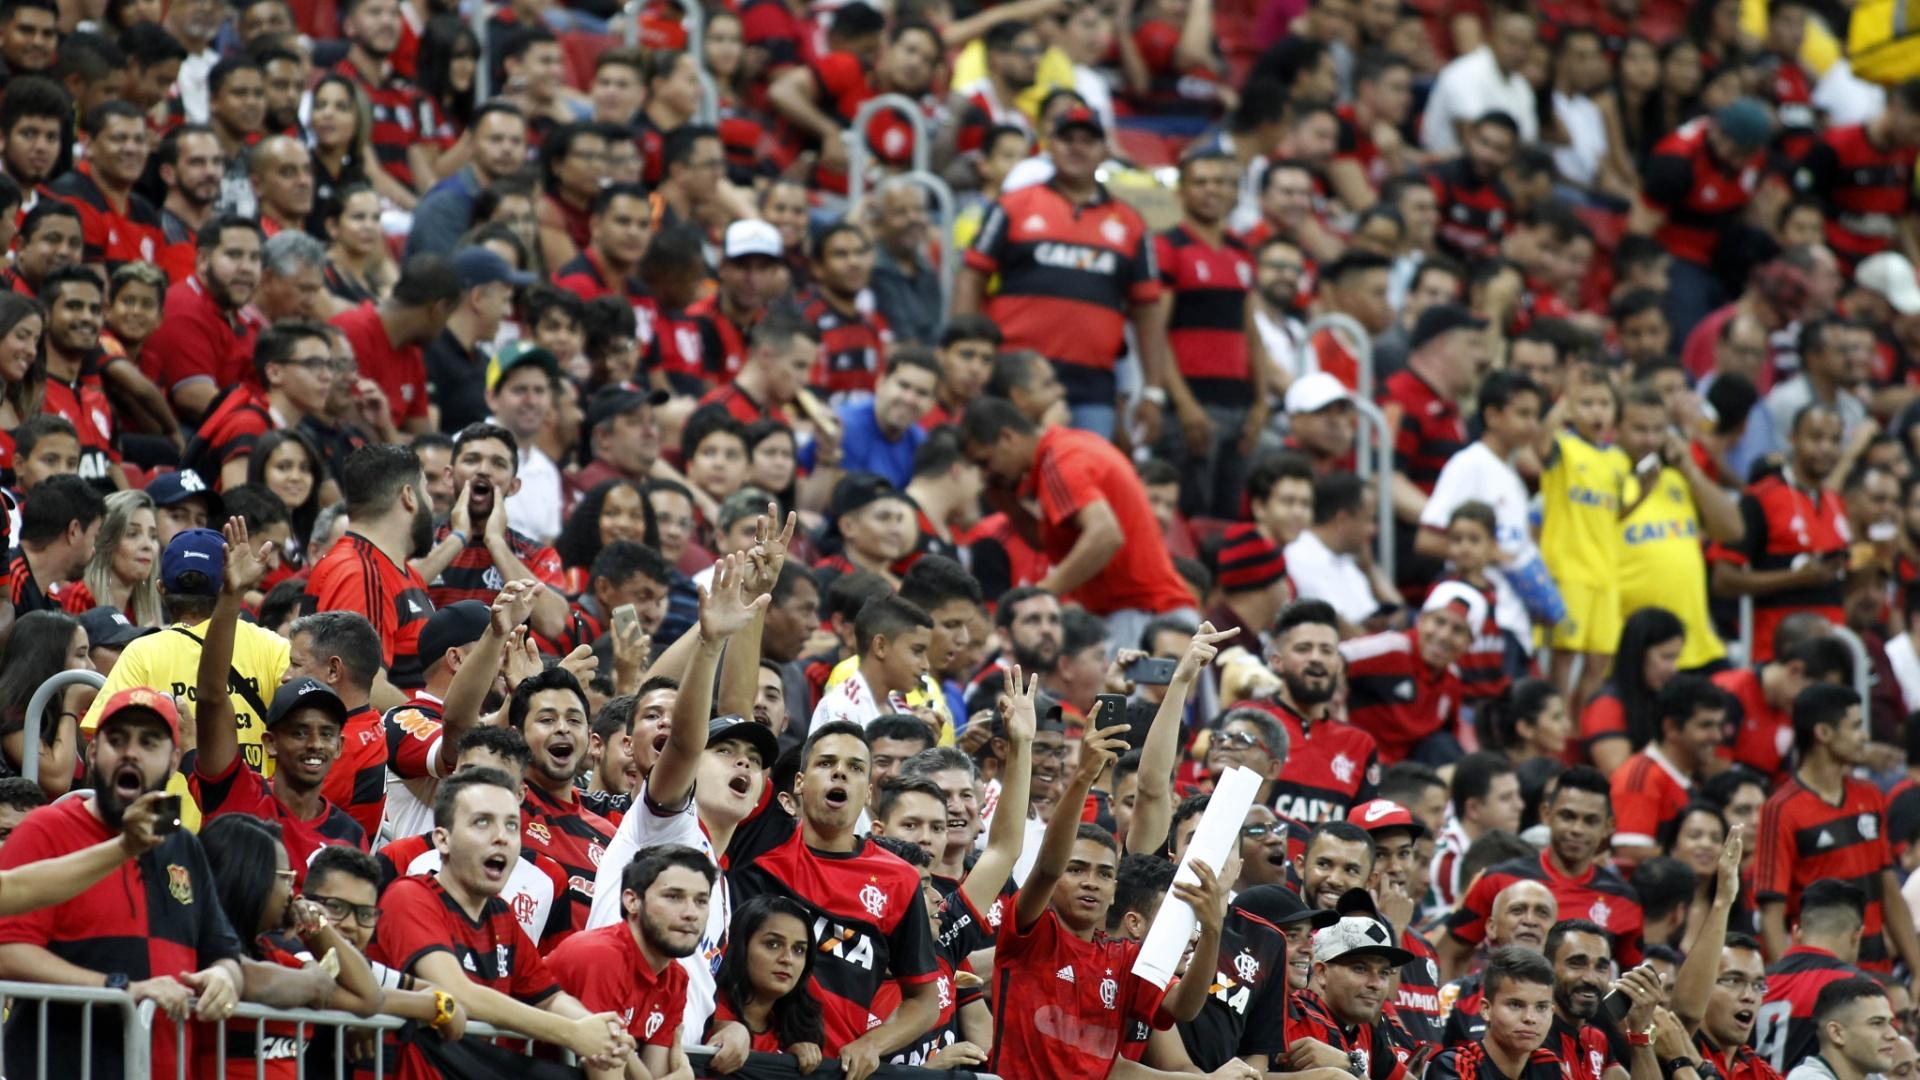 Torcida do Flamengo comparece em bom número ao Estádio Nacional Mané Garrincha para jogo contra o Fluminense pelo Campeonato Brasileiro 2018